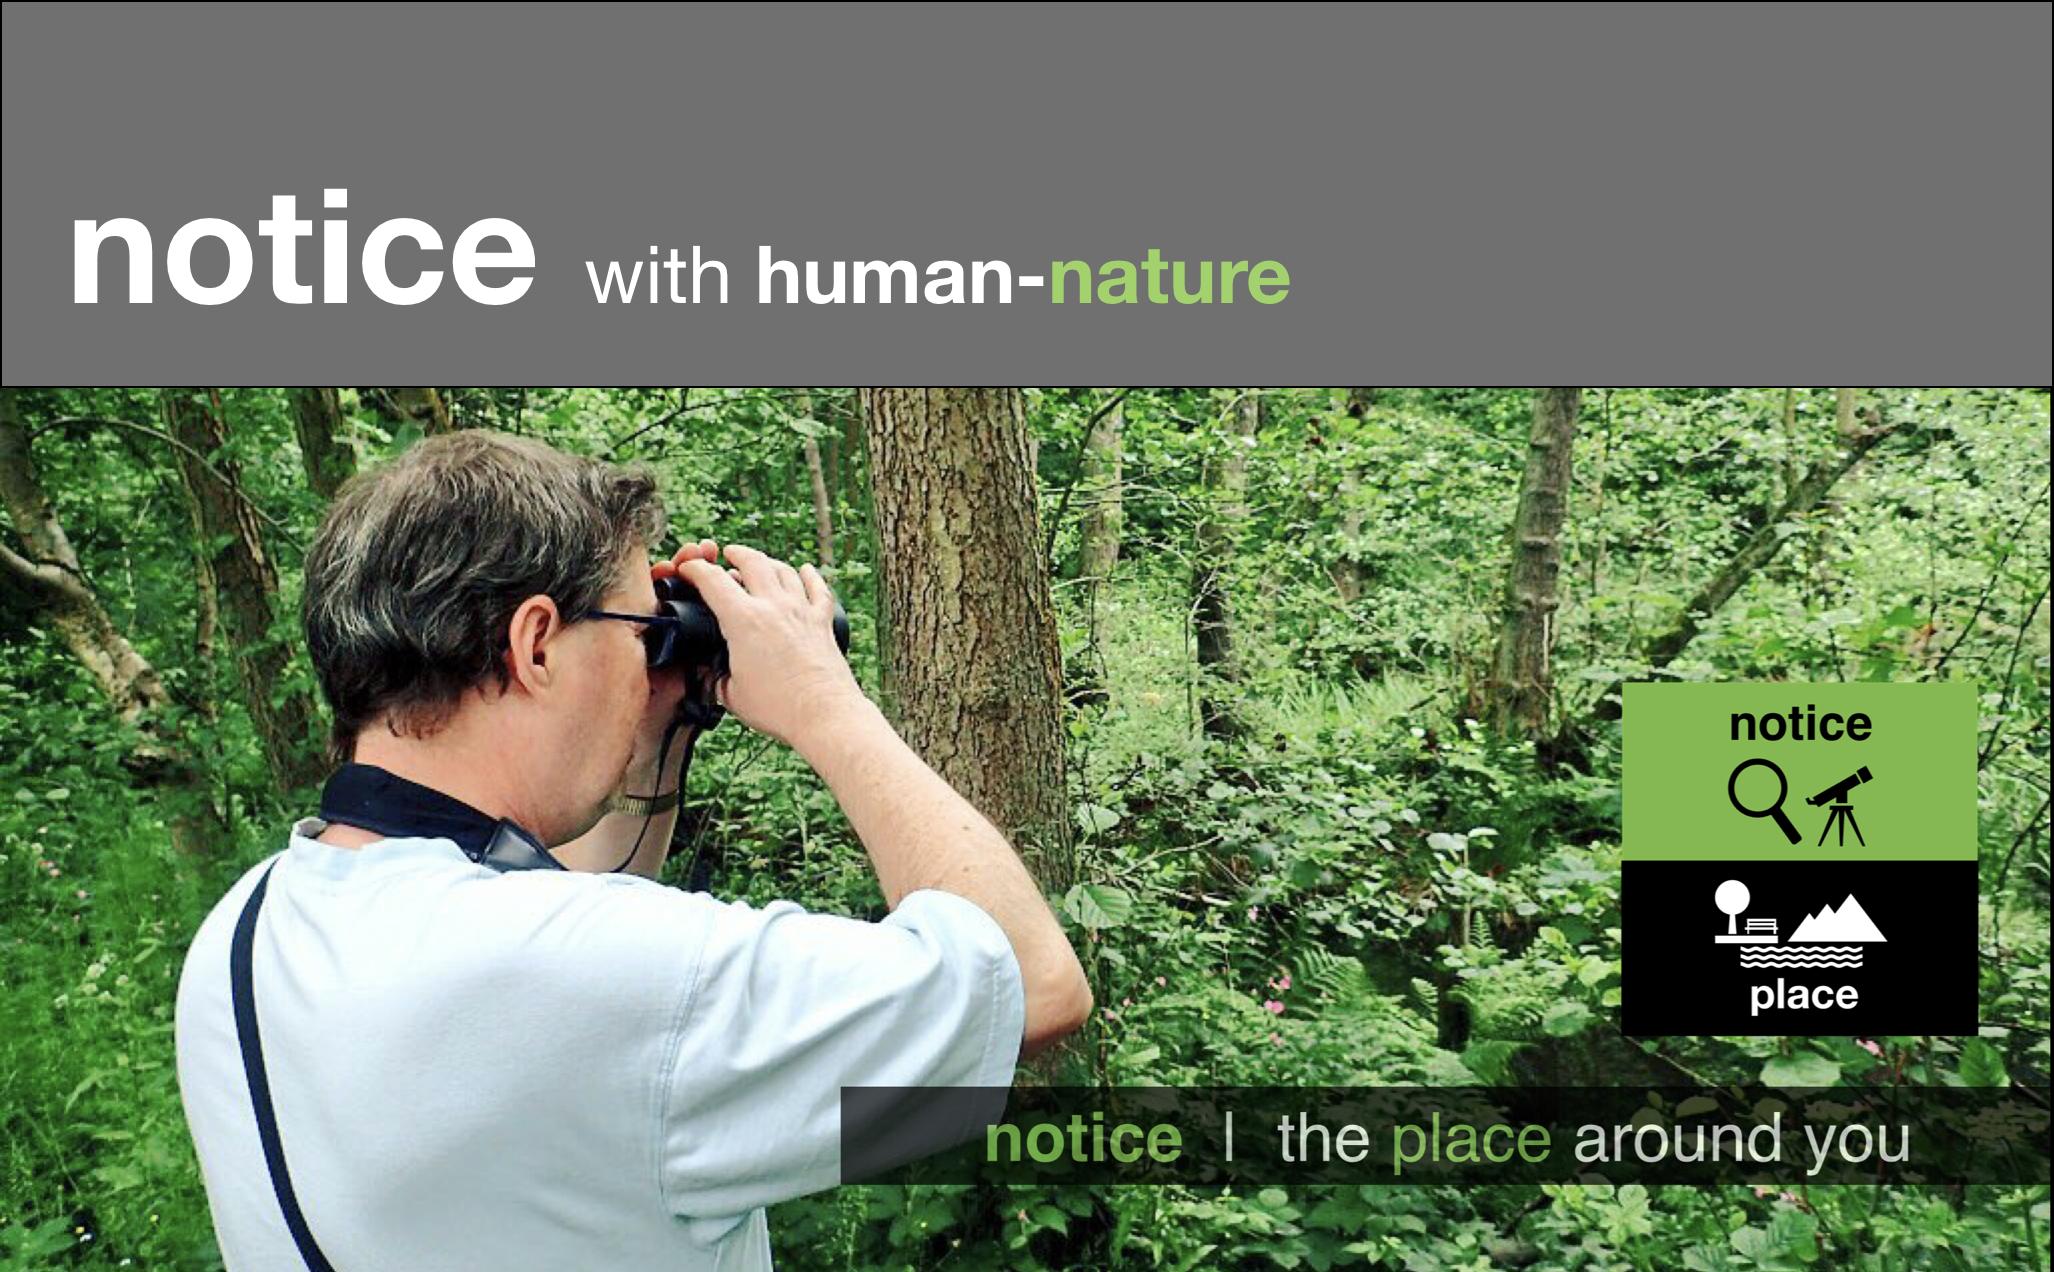 Human-Nature - Notice